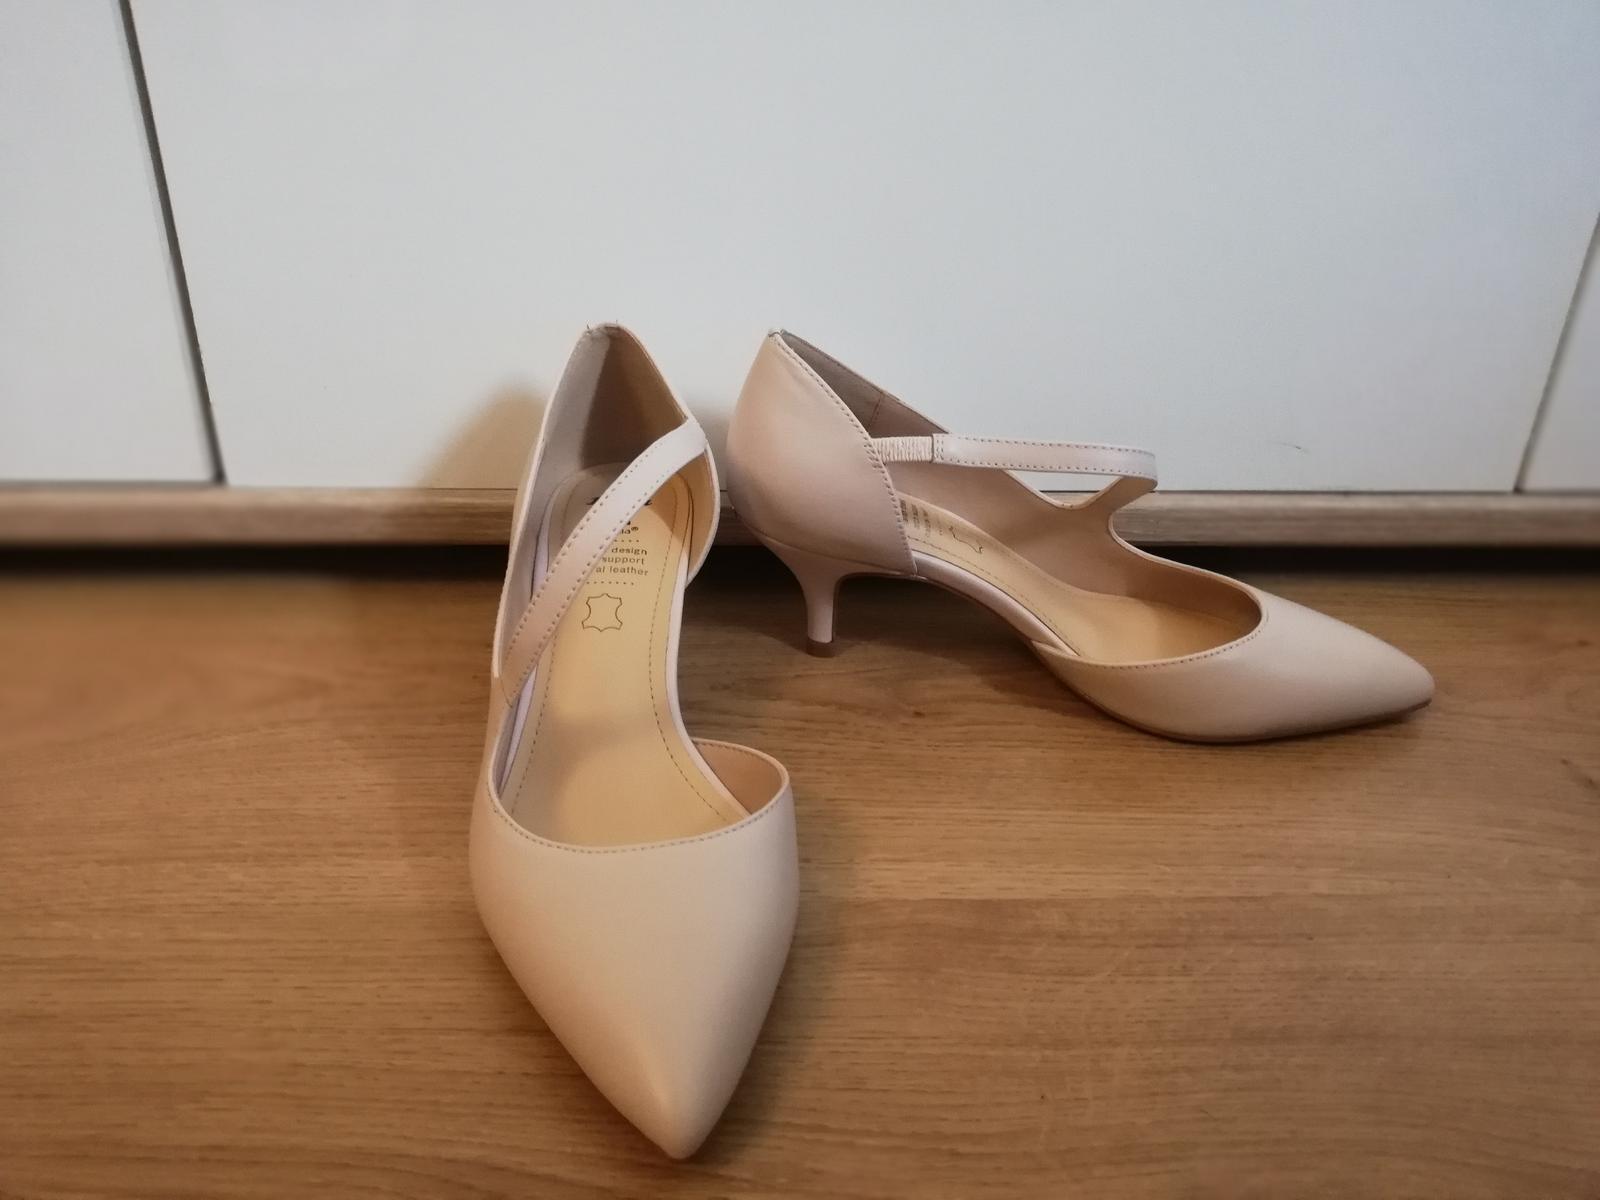 Svatební/polečenské boty - Obrázek č. 1